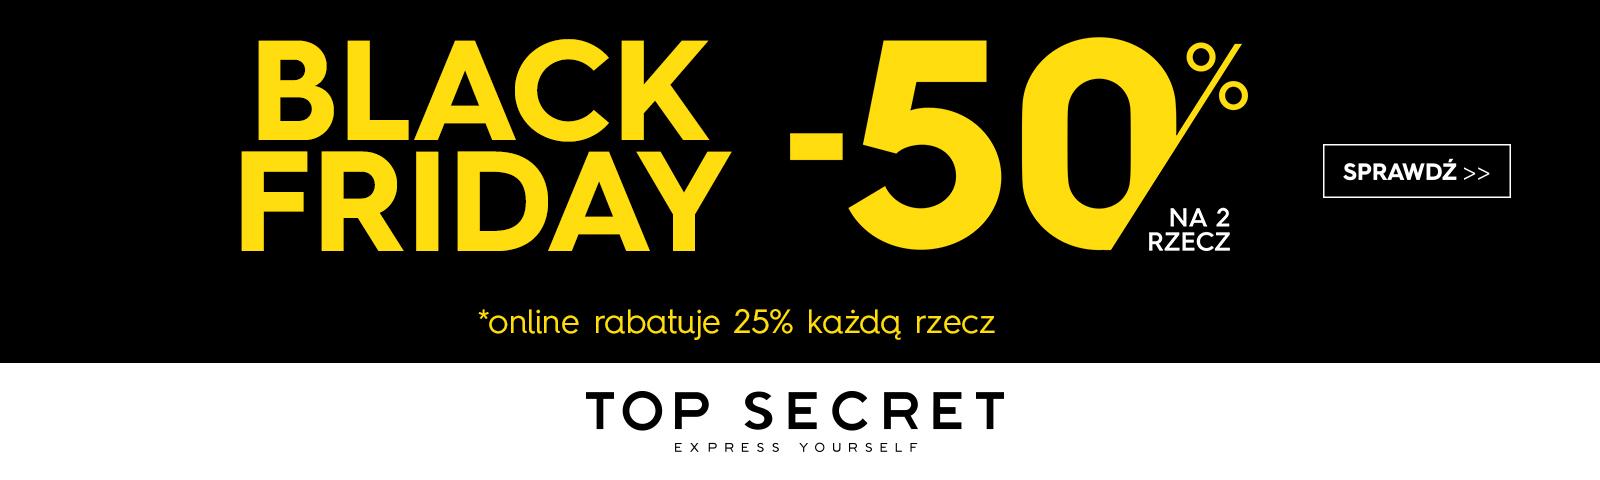 Top Secret kody rabatowe